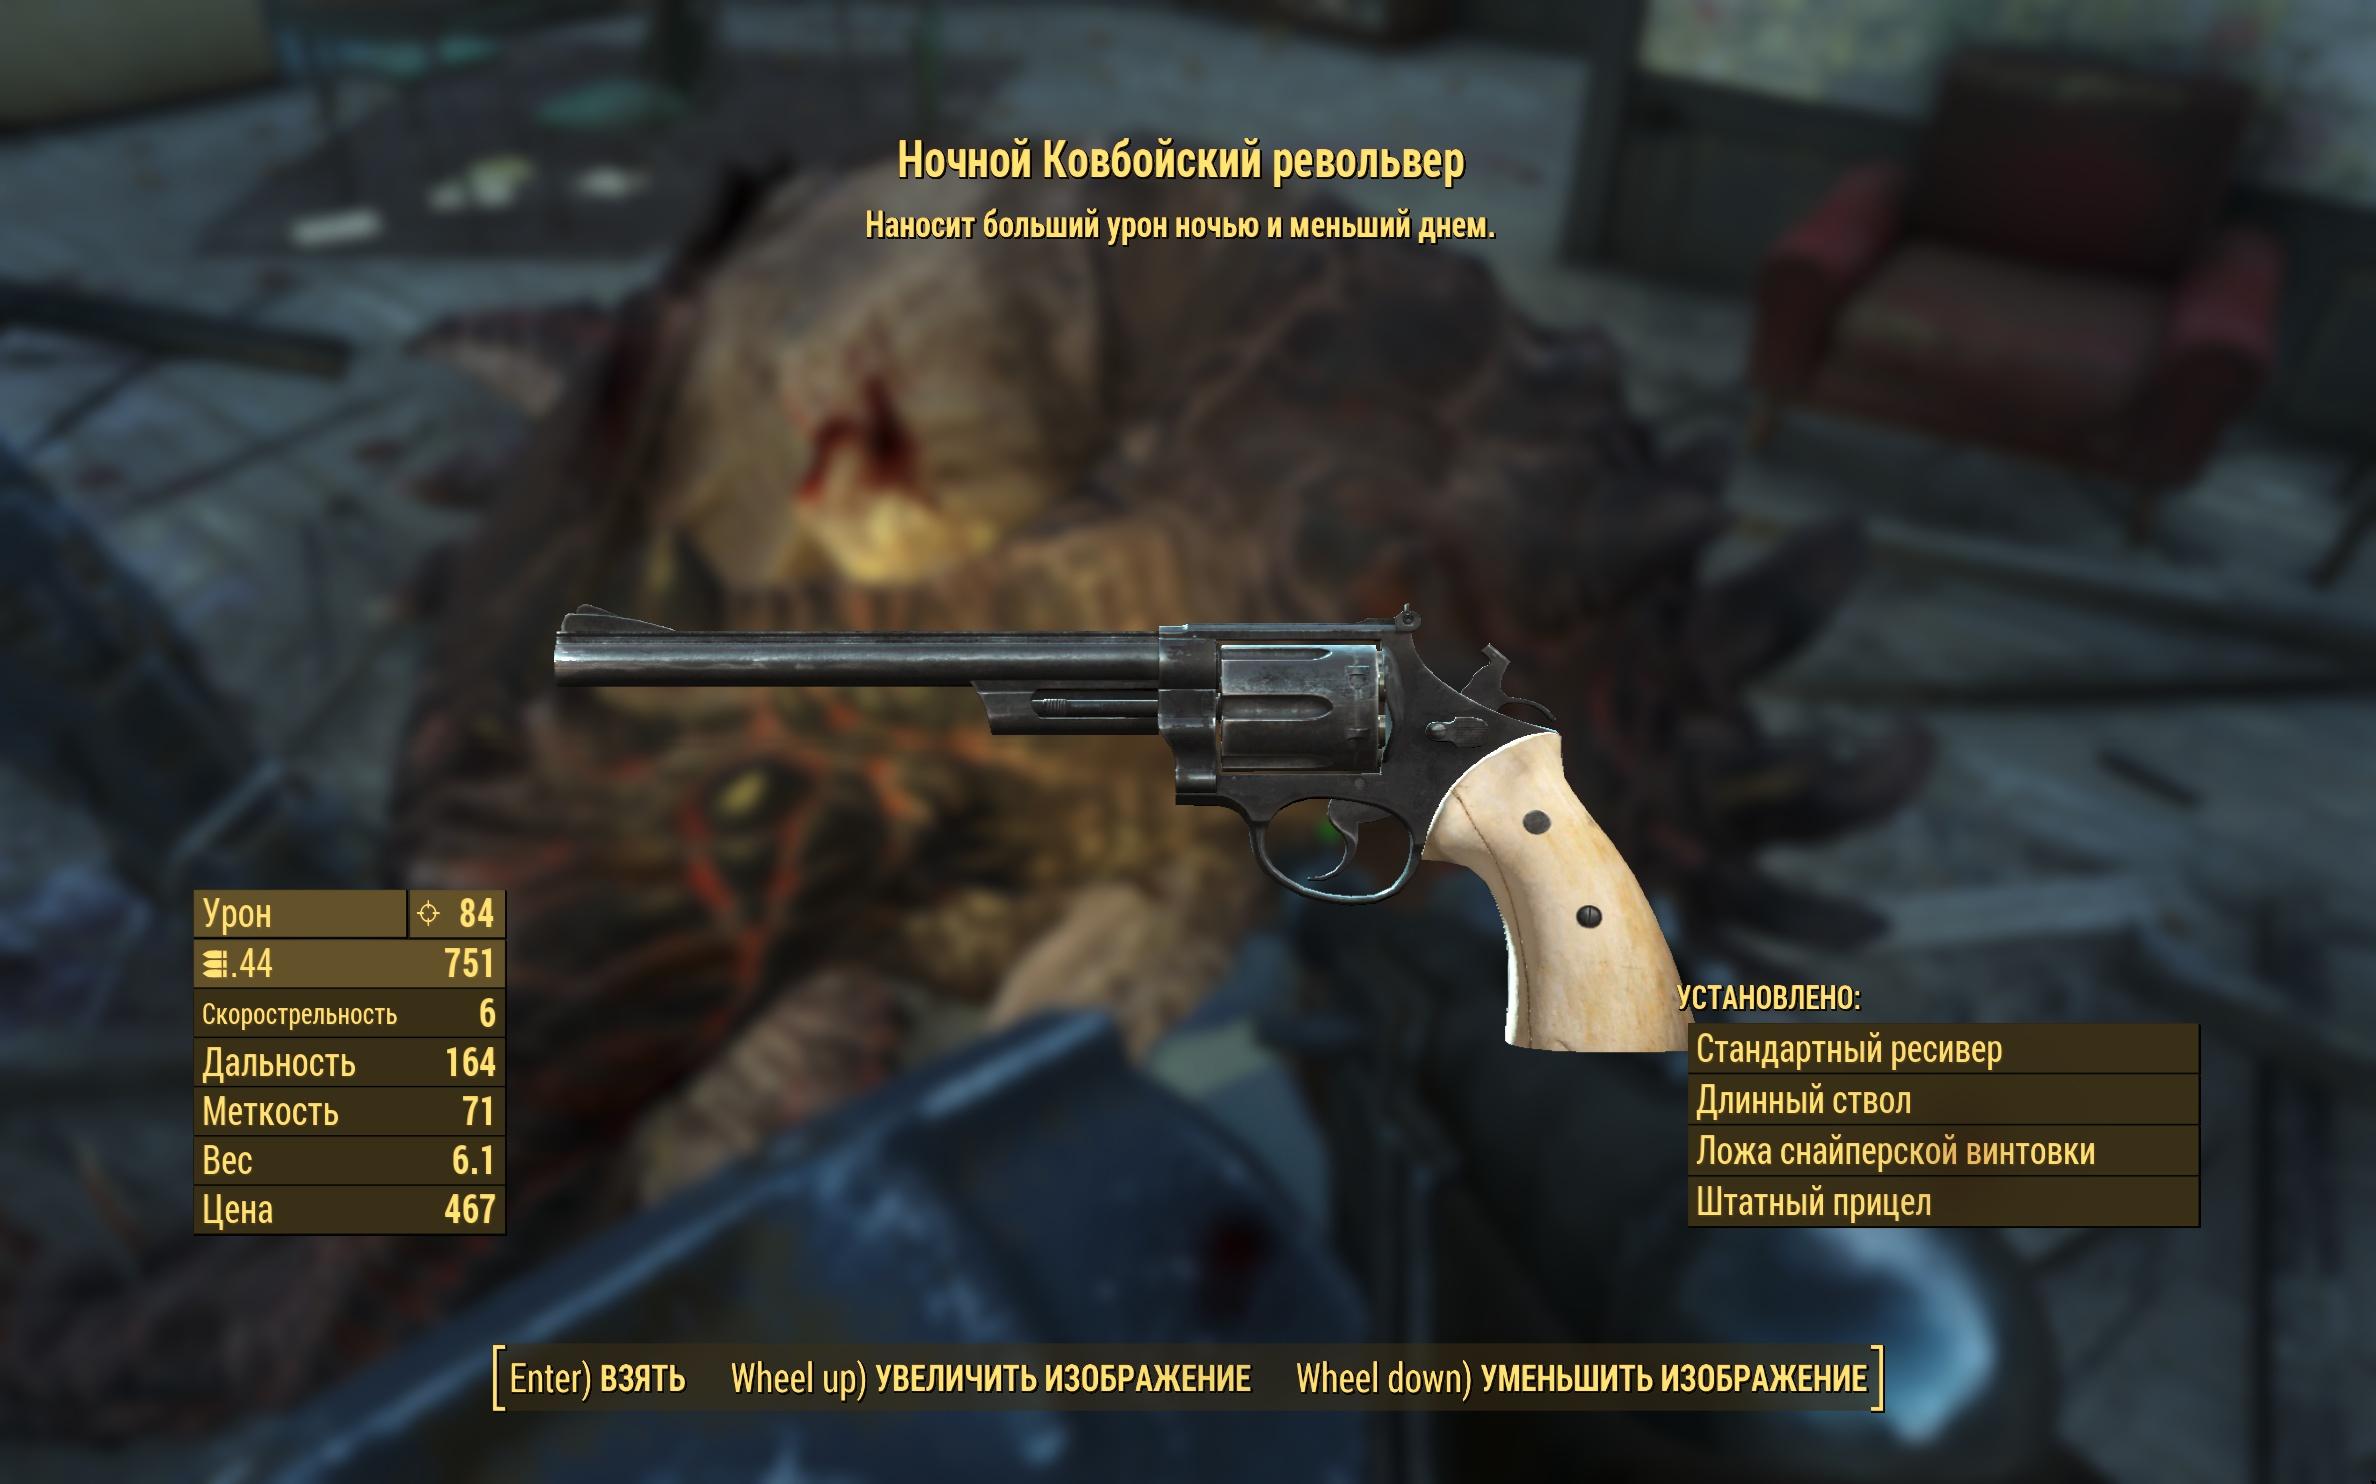 Ночной ковбойский револьвер - Fallout 4 ковбойский, Ночной, Оружие, Револьвер